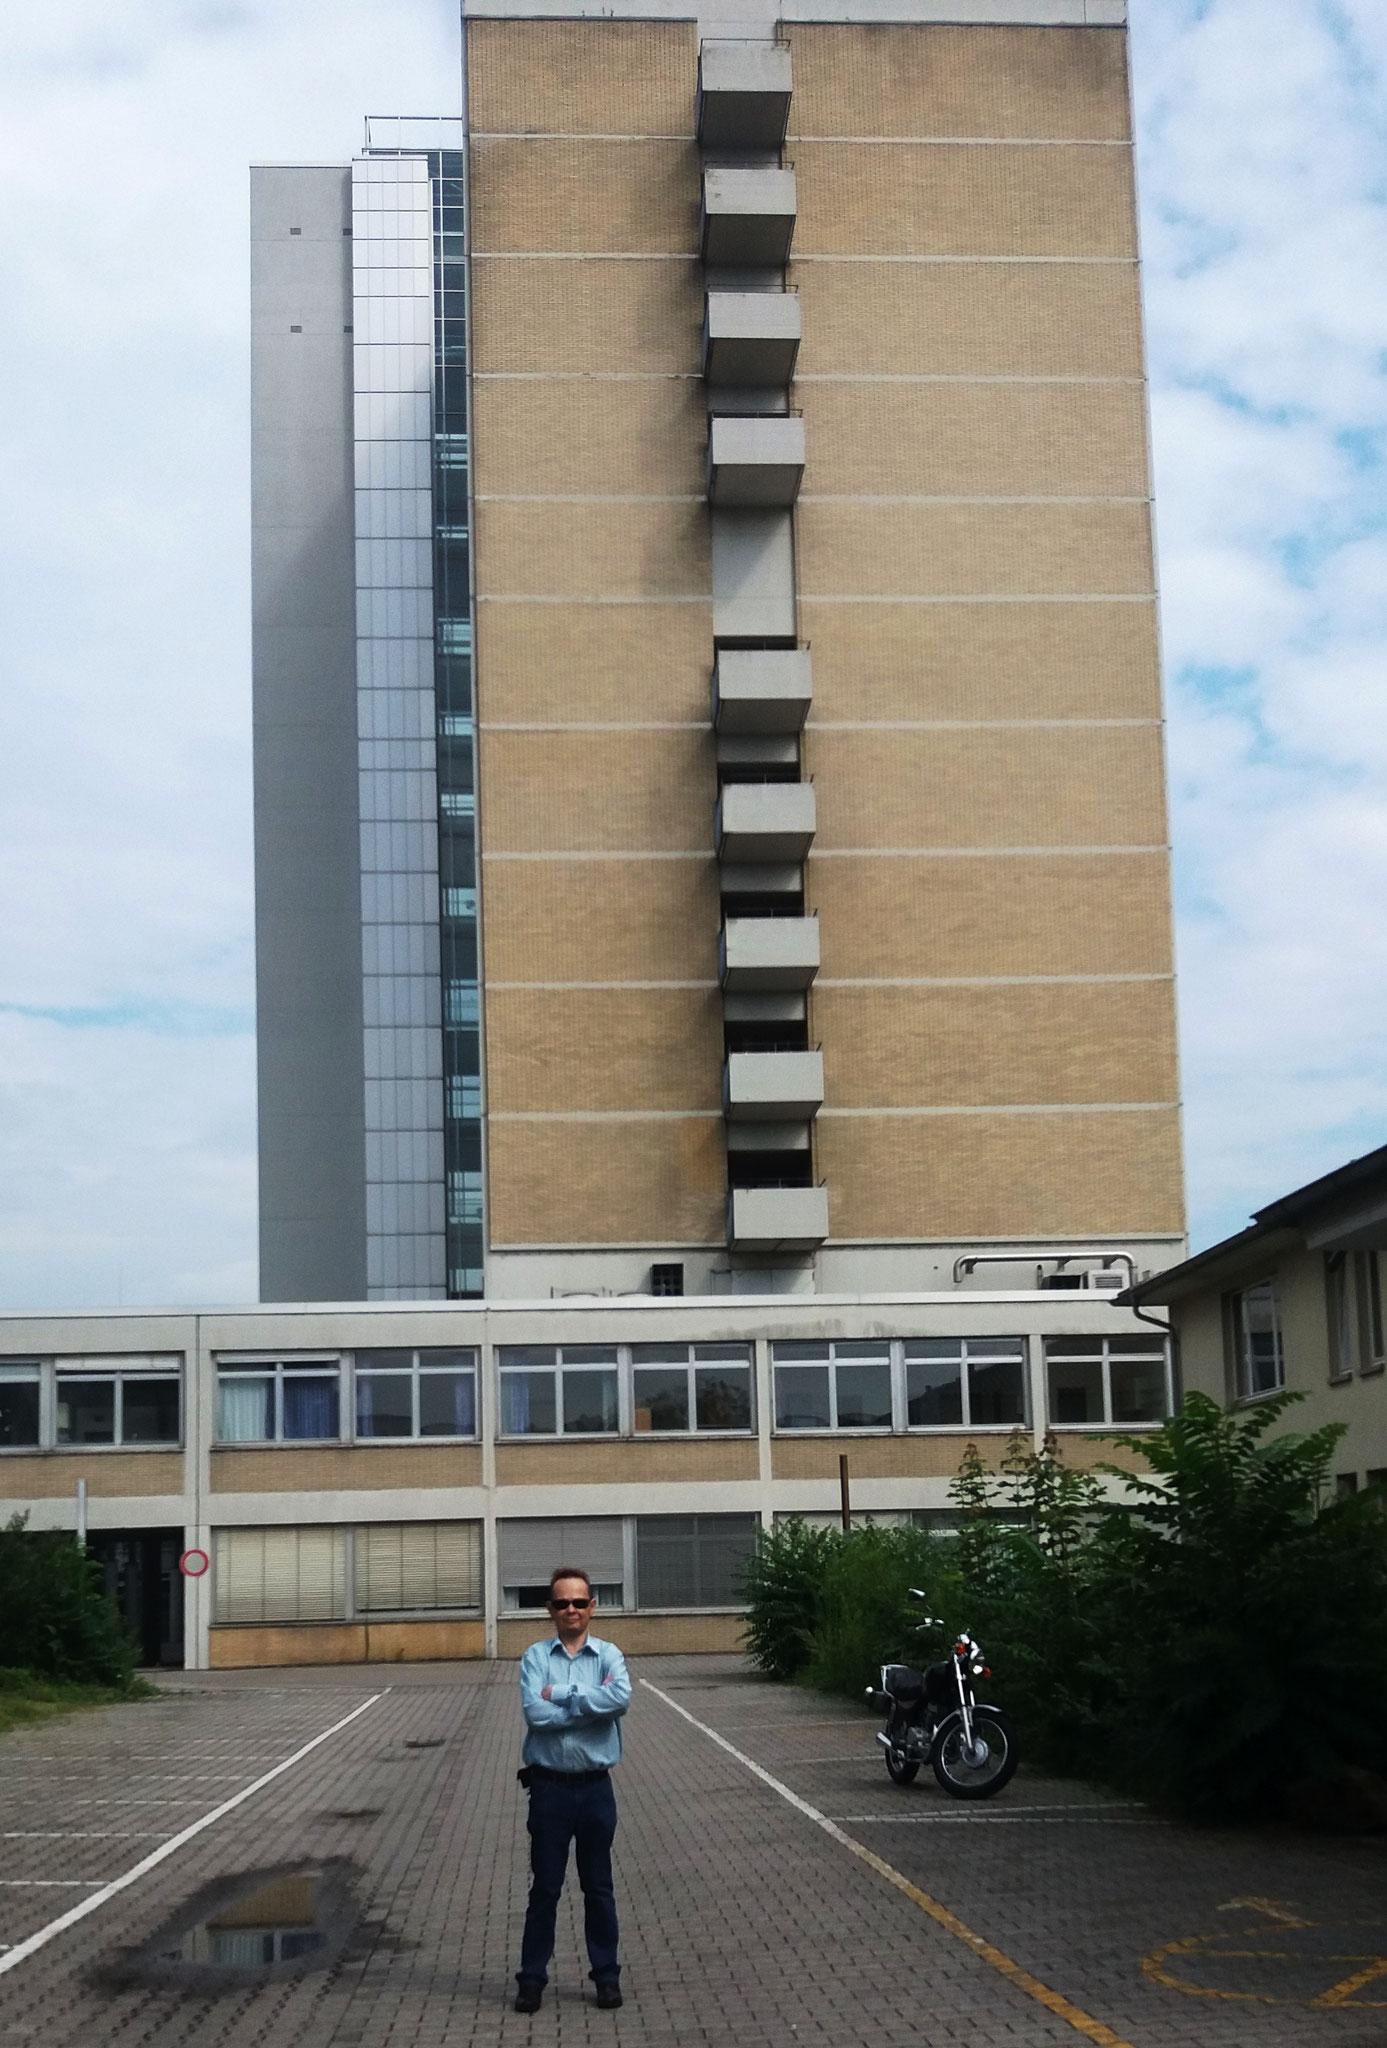 2016 Besuch an alten Orten meiner Kindheit rund um die alte Kinderklinik Heidelberg.